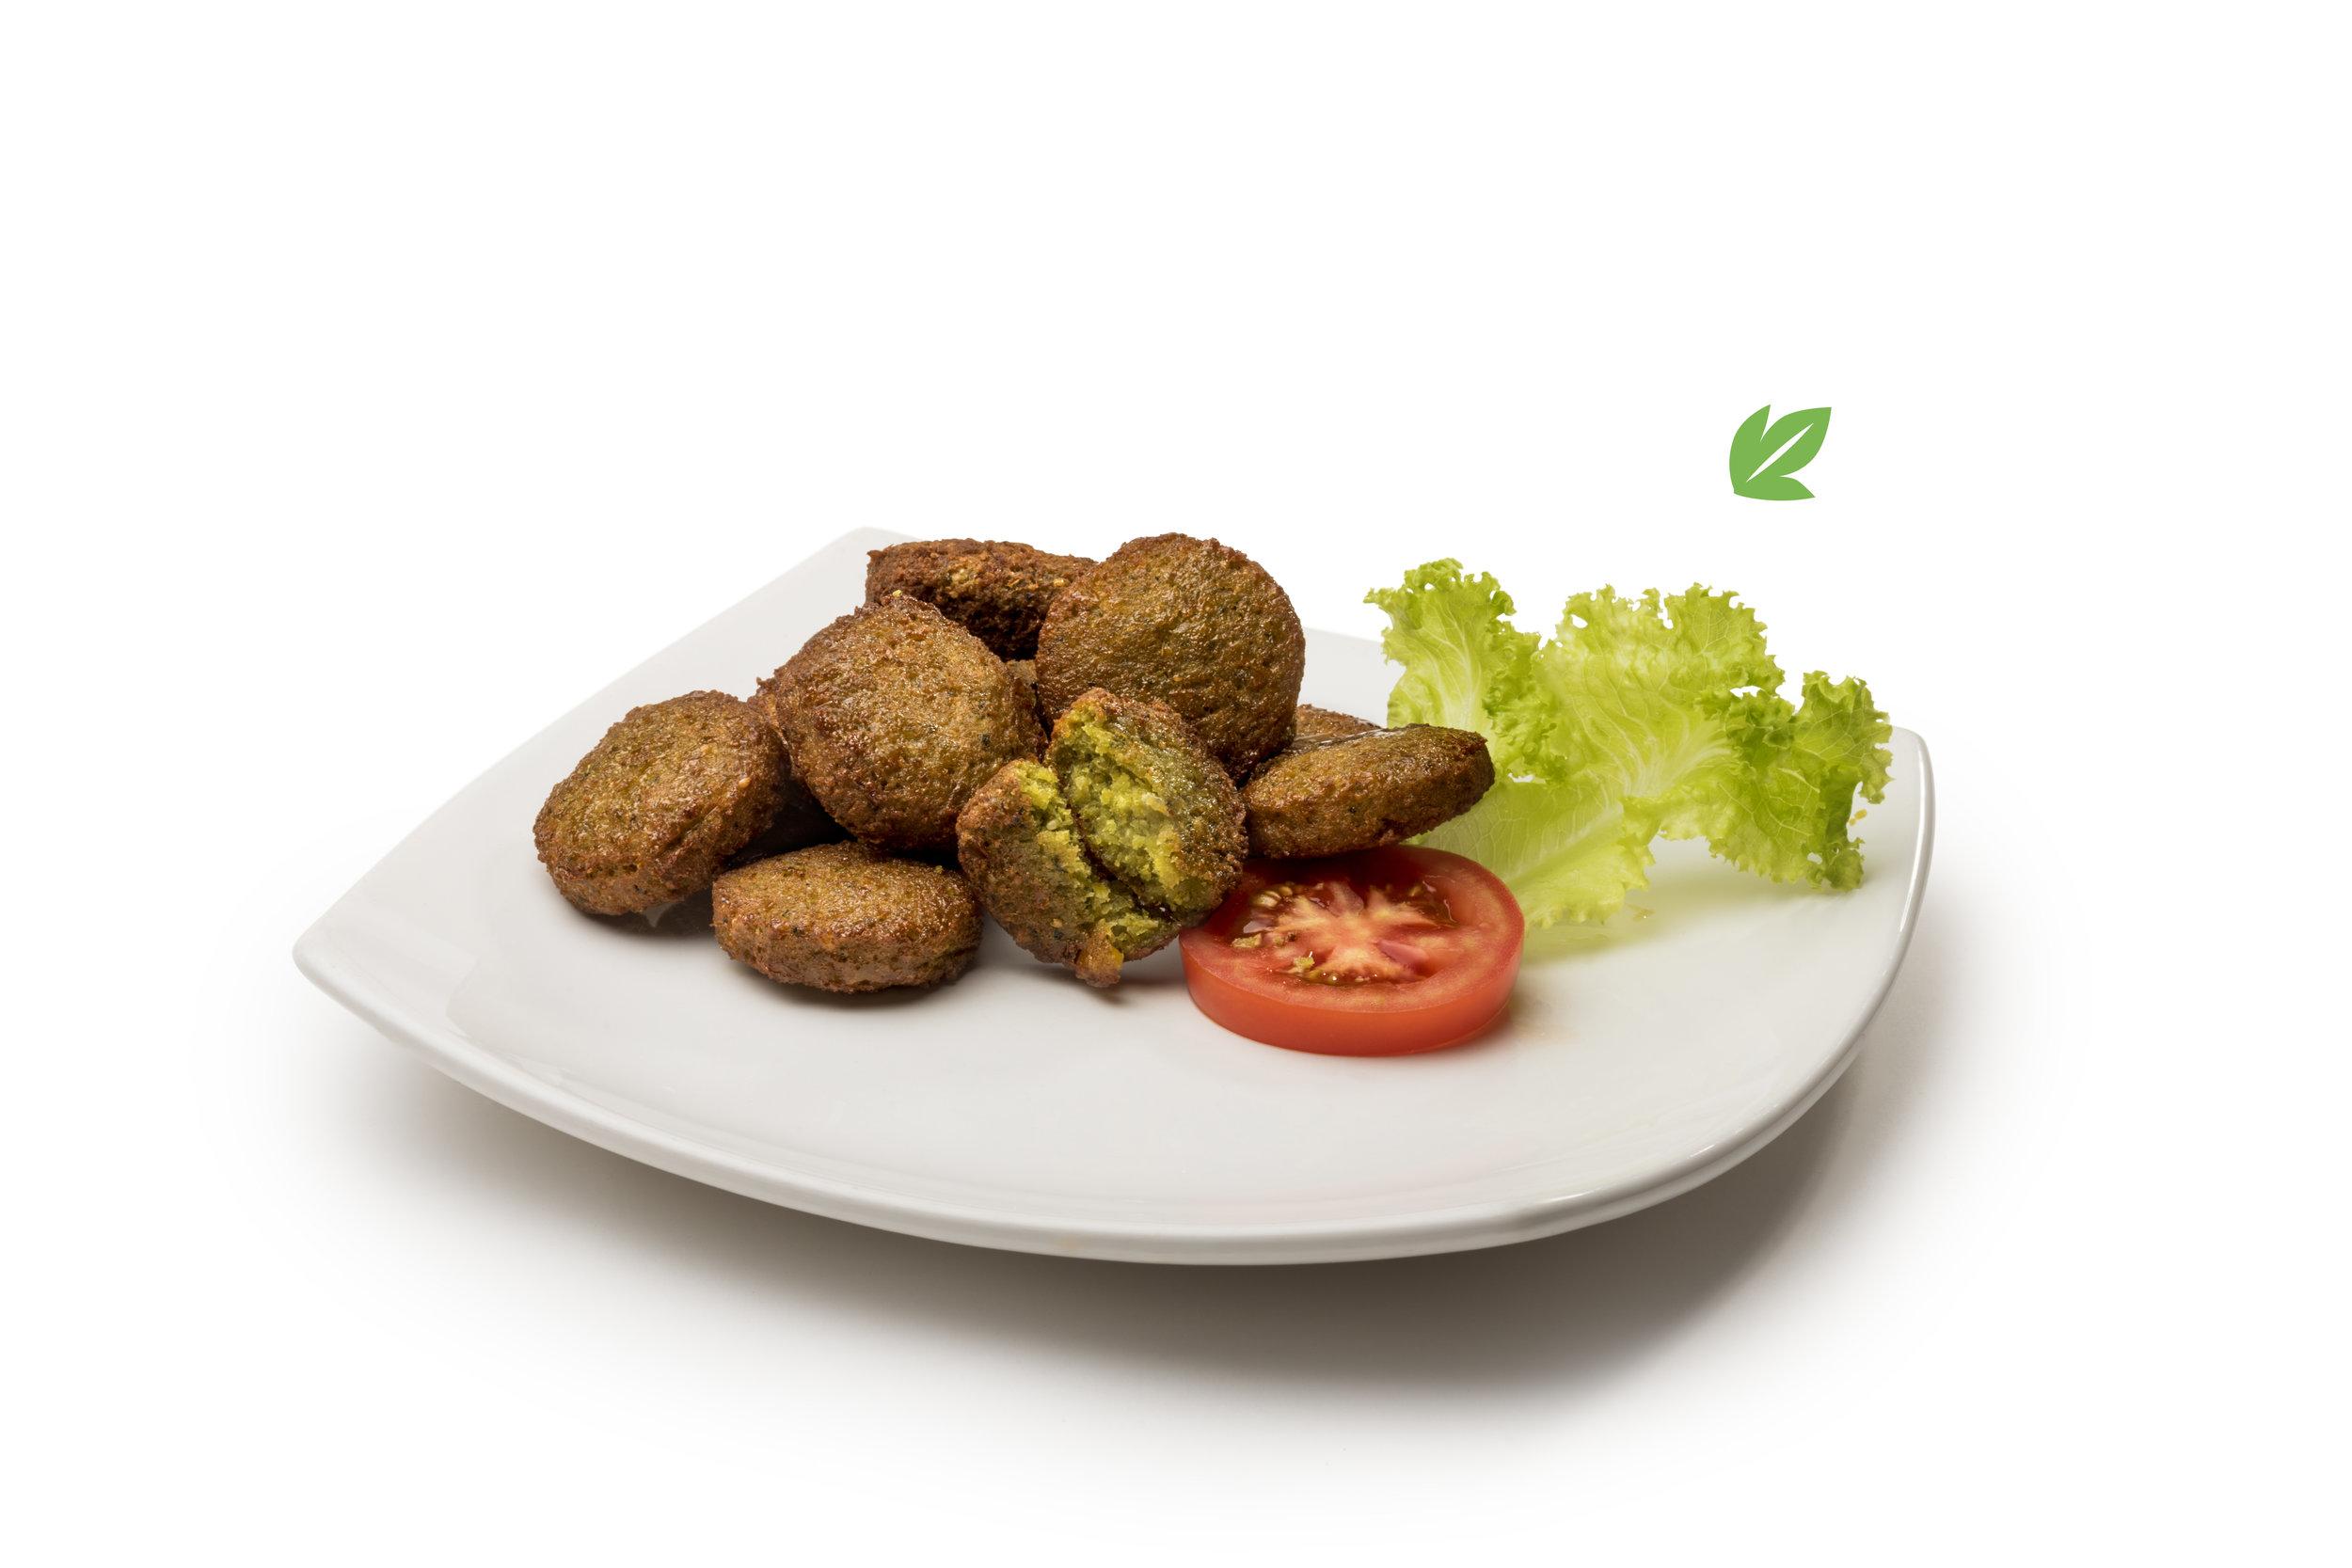 Falafel - Mini croquetas fritas de garbanzo procesado con hierbas. Porción de 8 unidades, acompañado con guarnición.$290